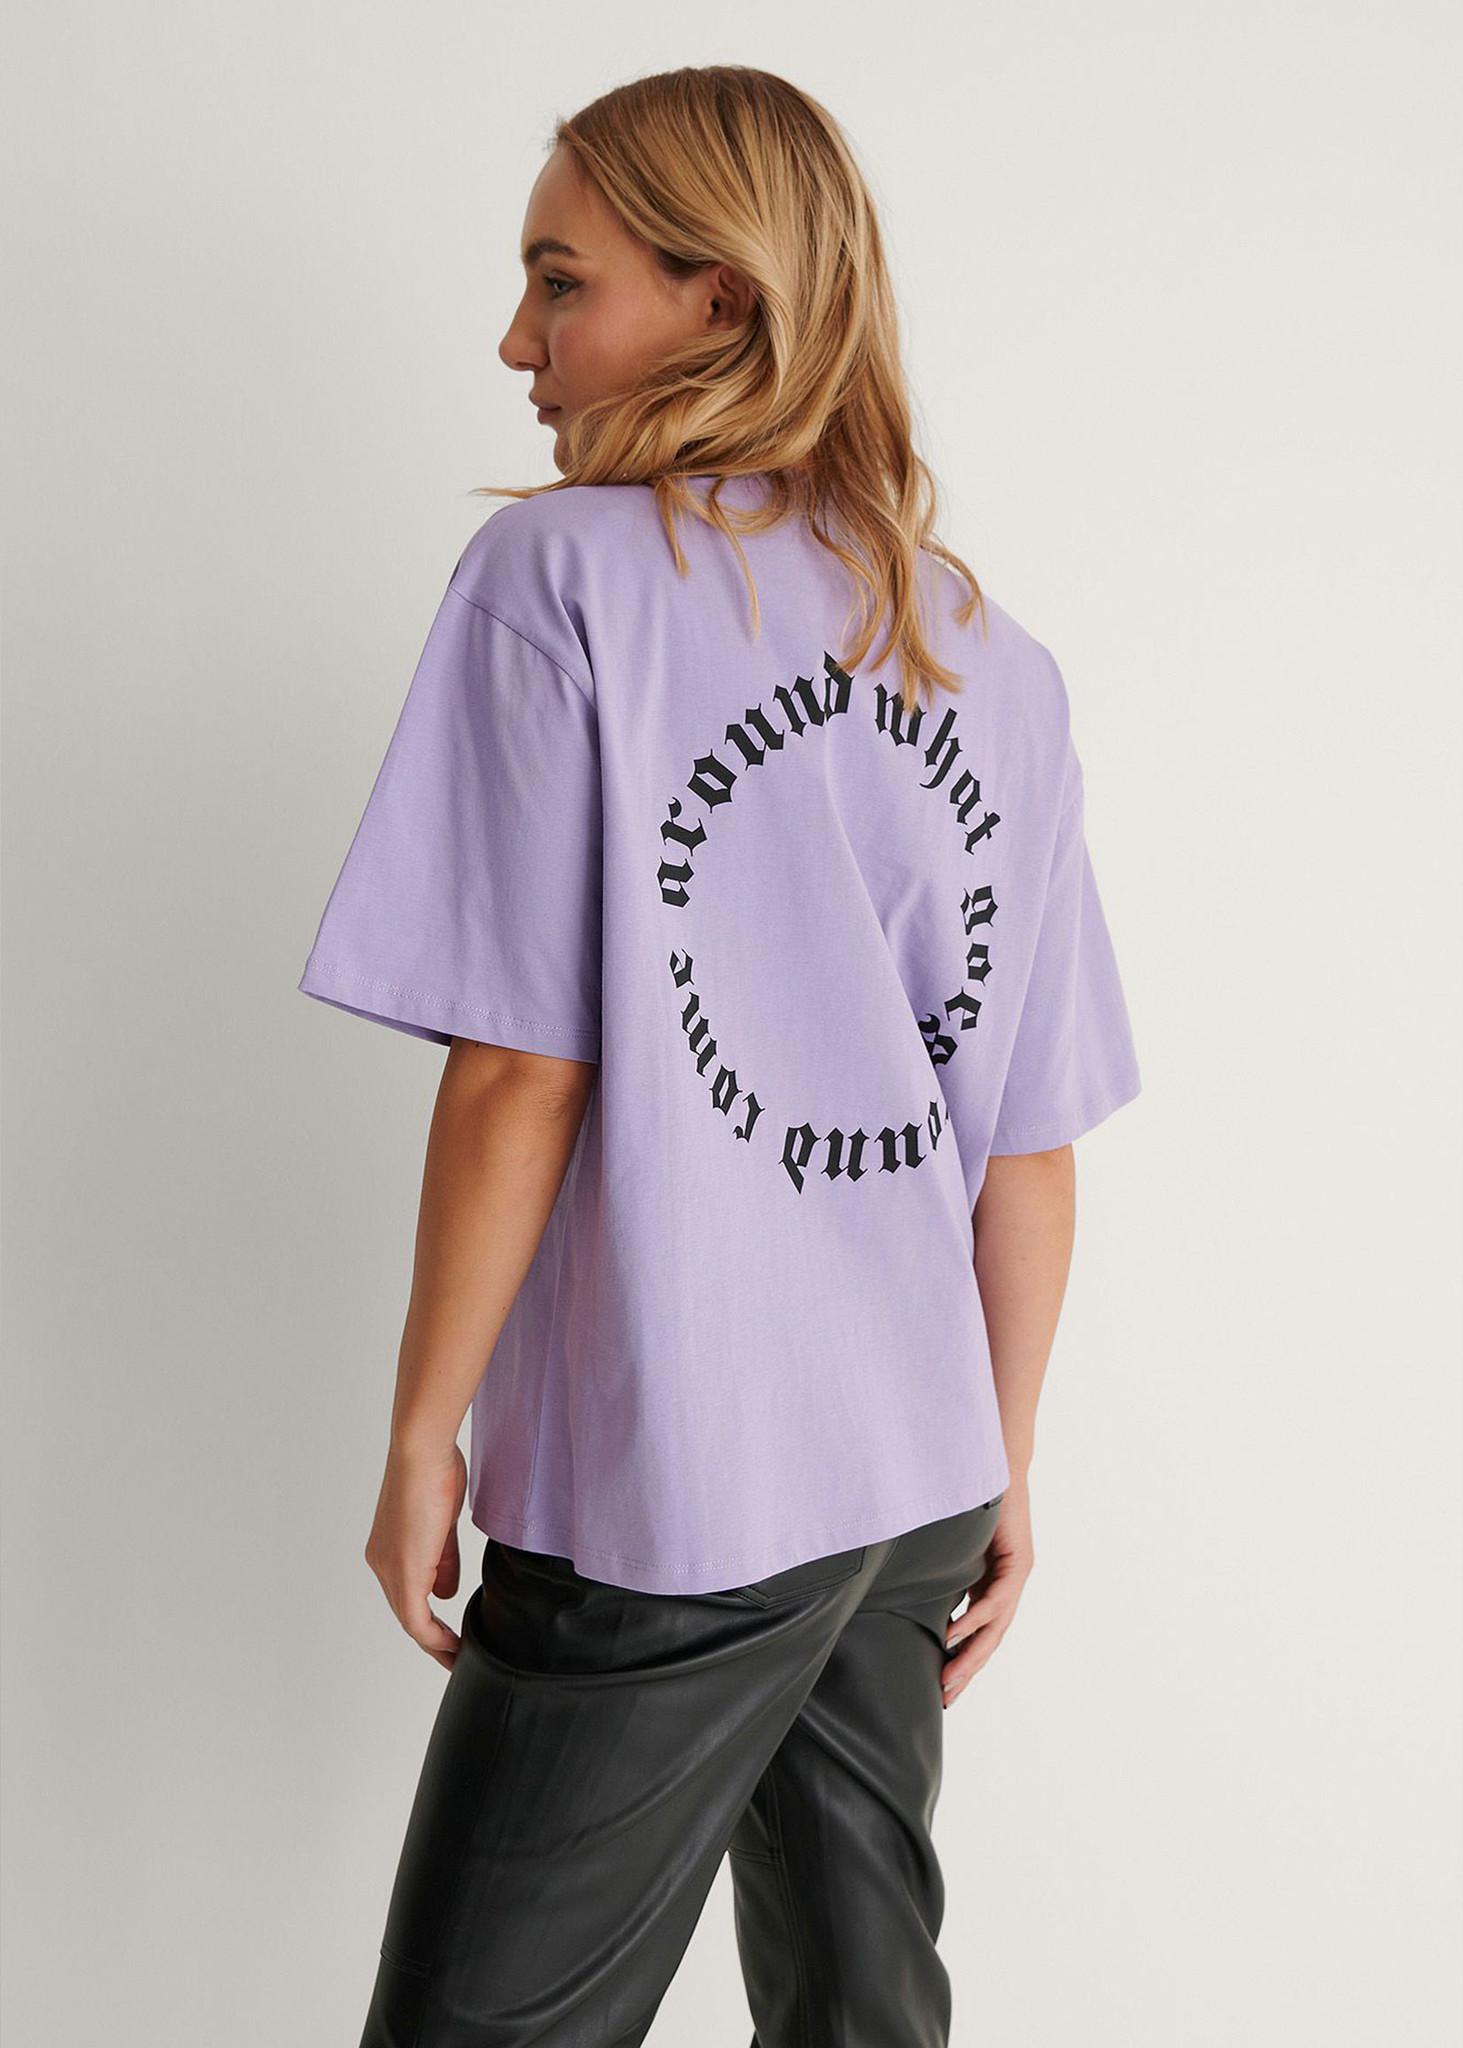 Karma Printed T-shirt Purple-2